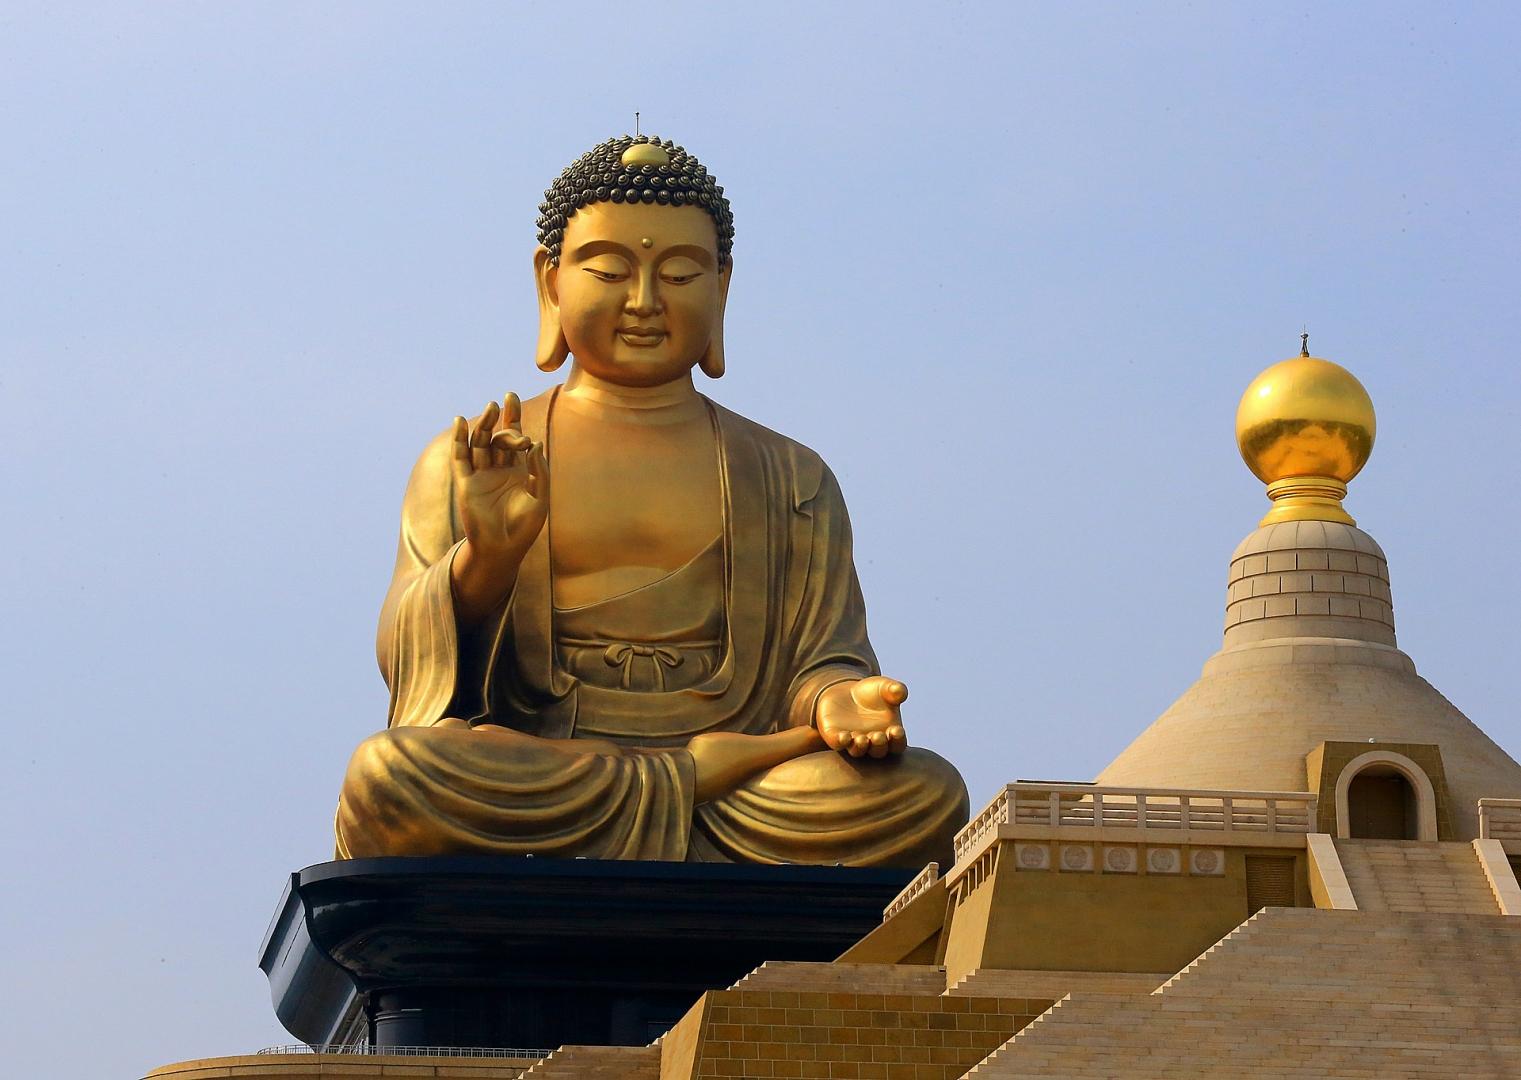 lord buddha statue - 750×750